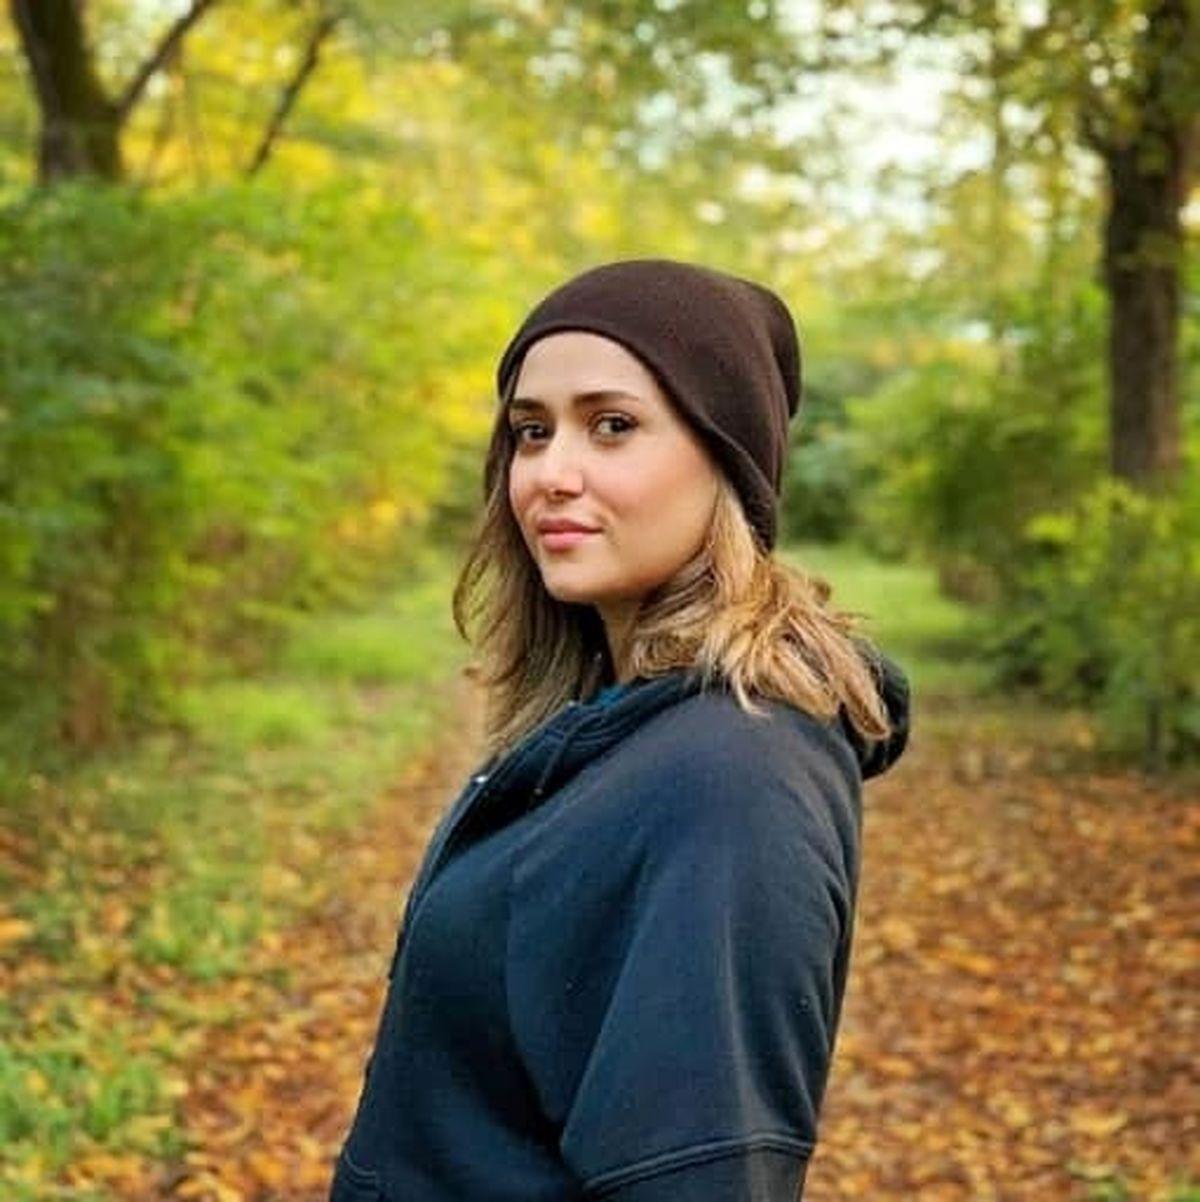 سلفی جدید پریناز ایزدیار + عکس